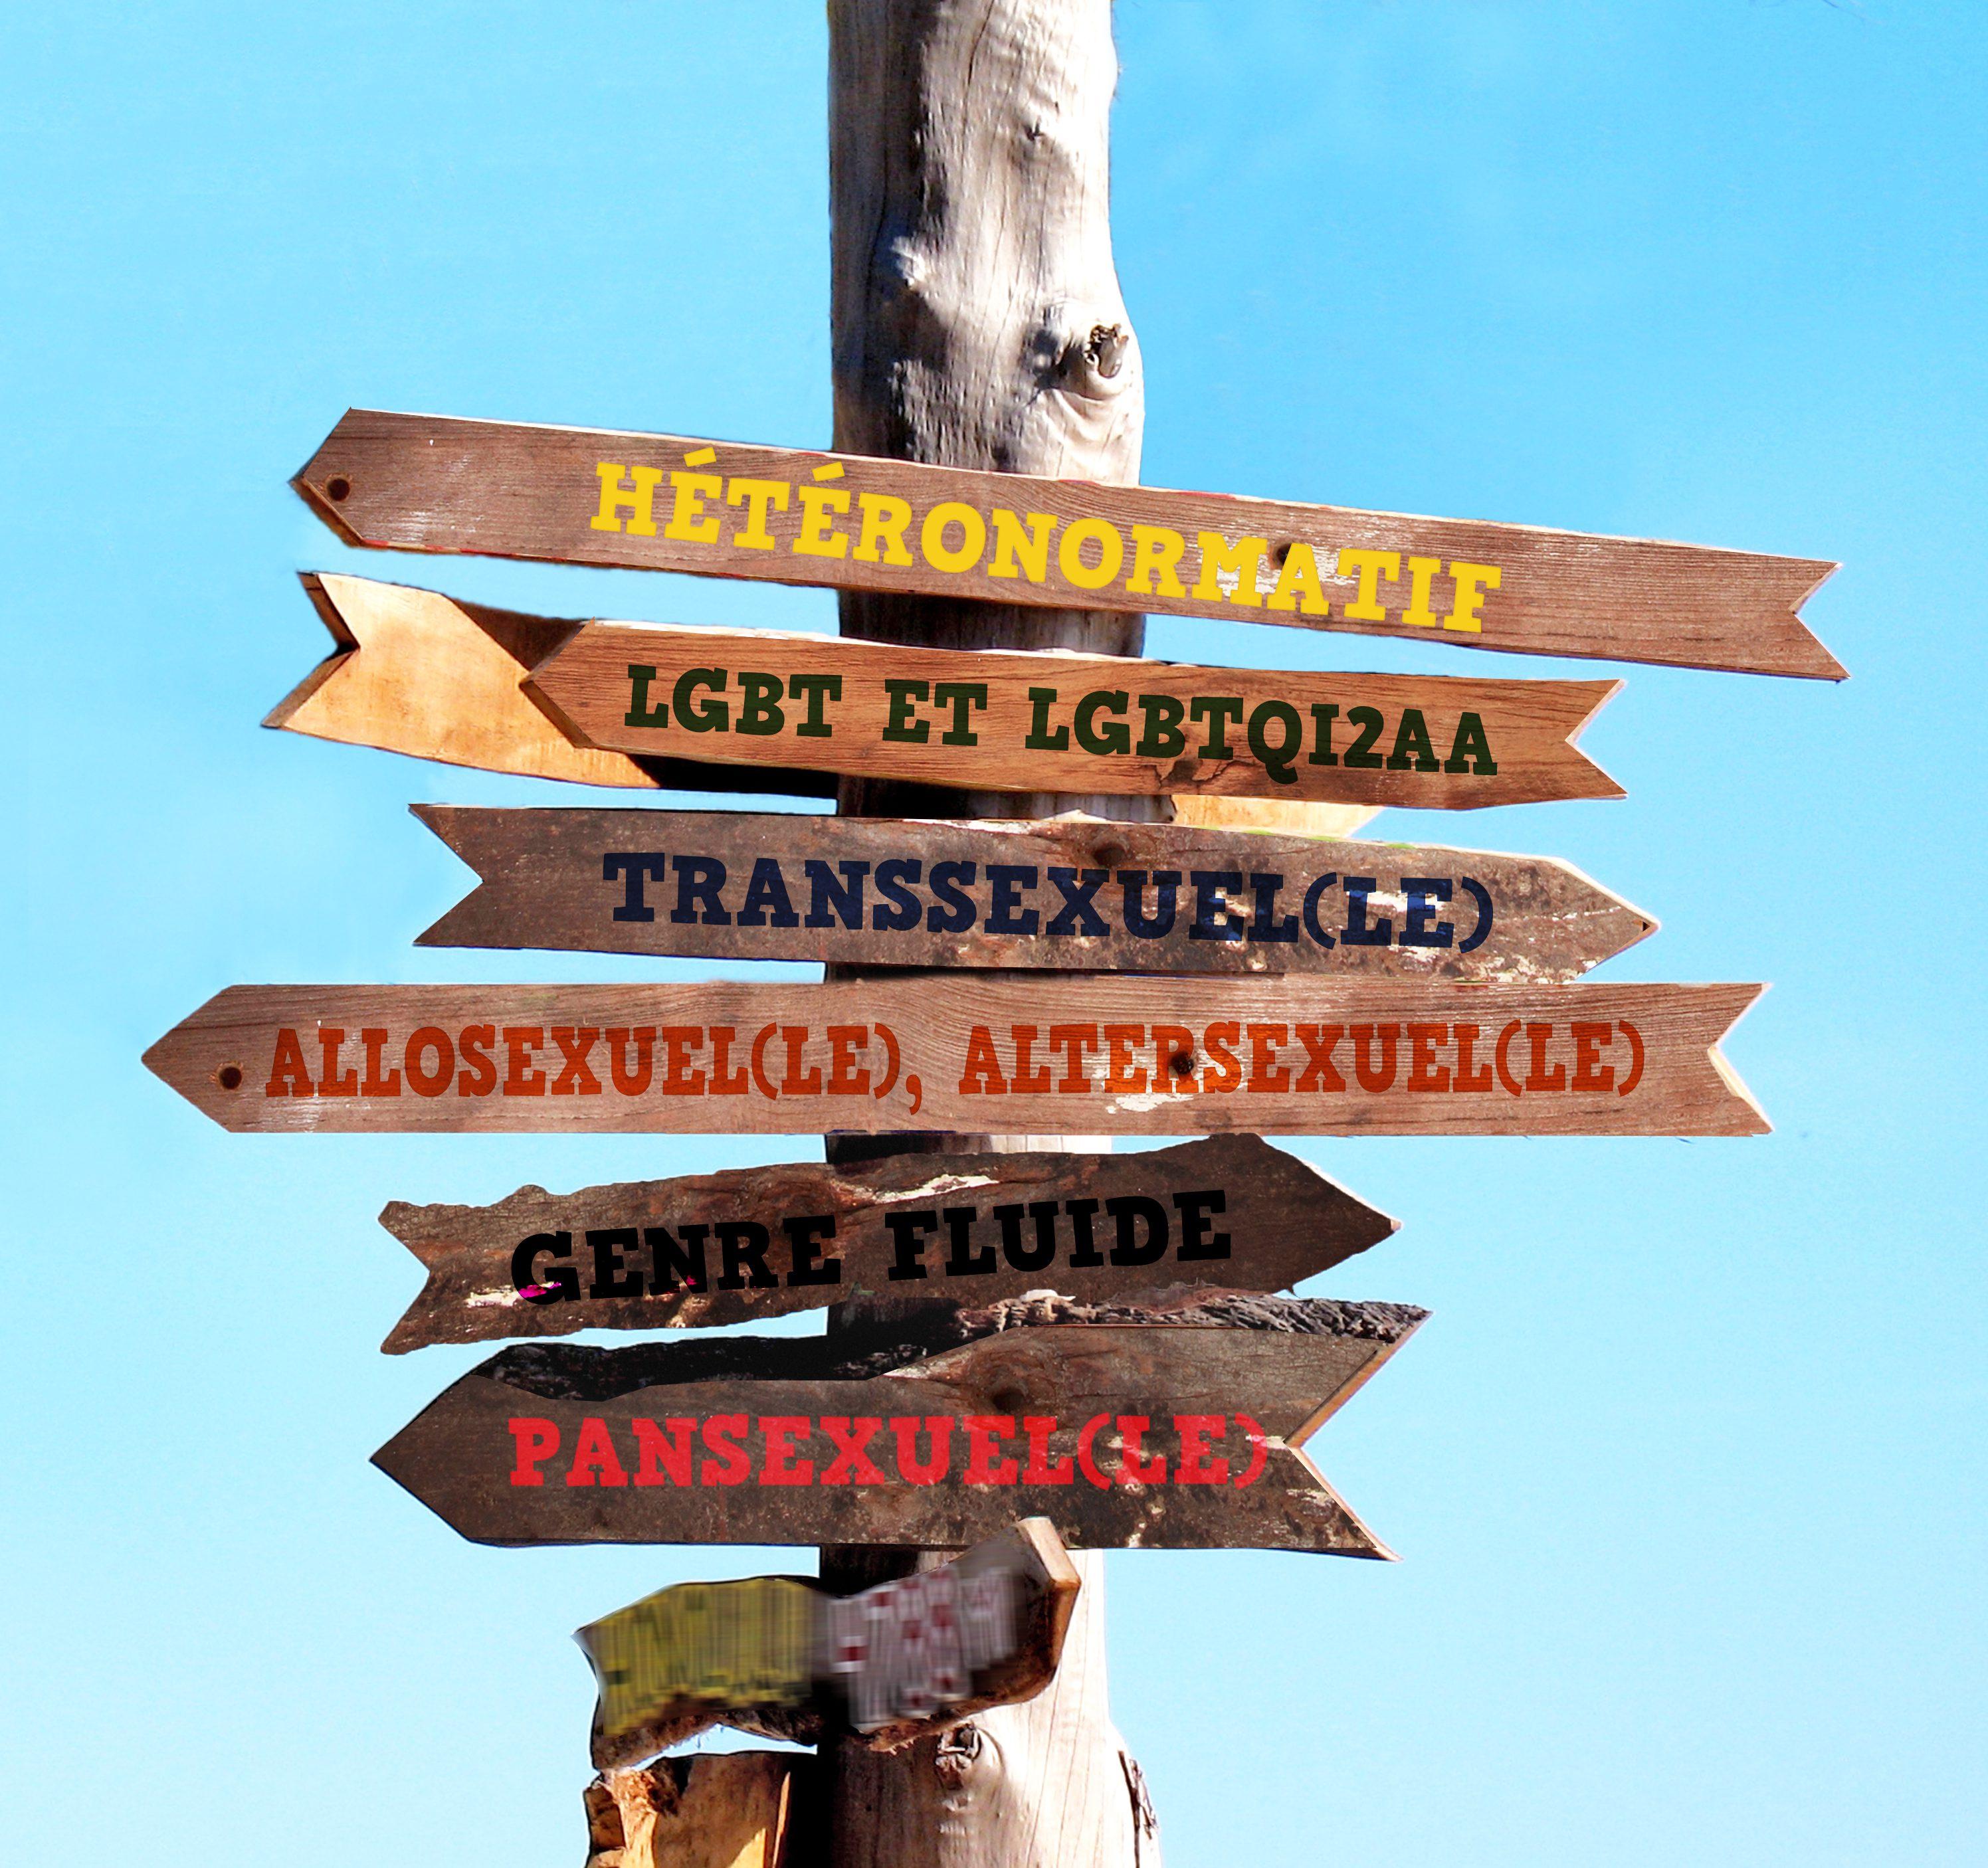 LGBTQIA+ : Le sens de l'orientation